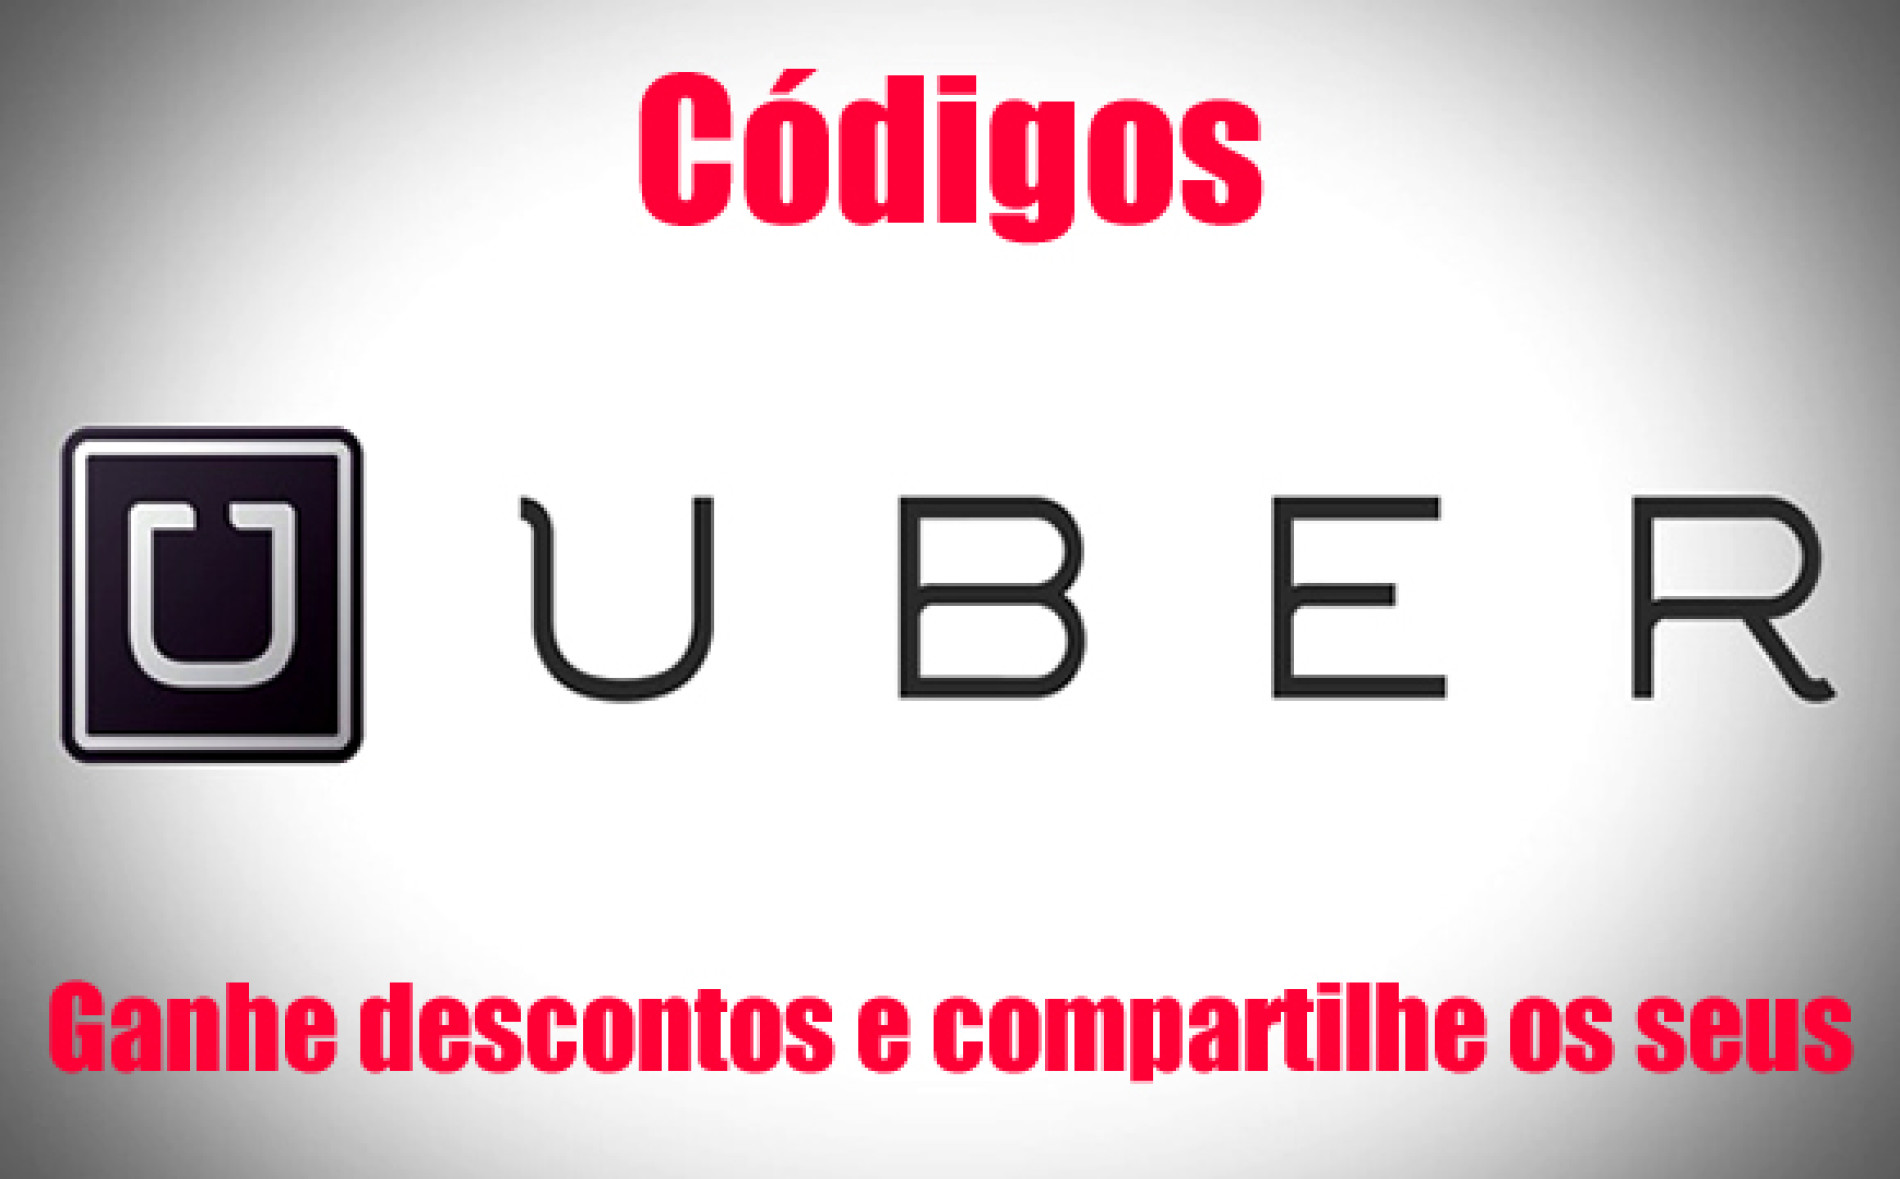 Código UBER – Confira códigos de desconto e compartilhe os seus